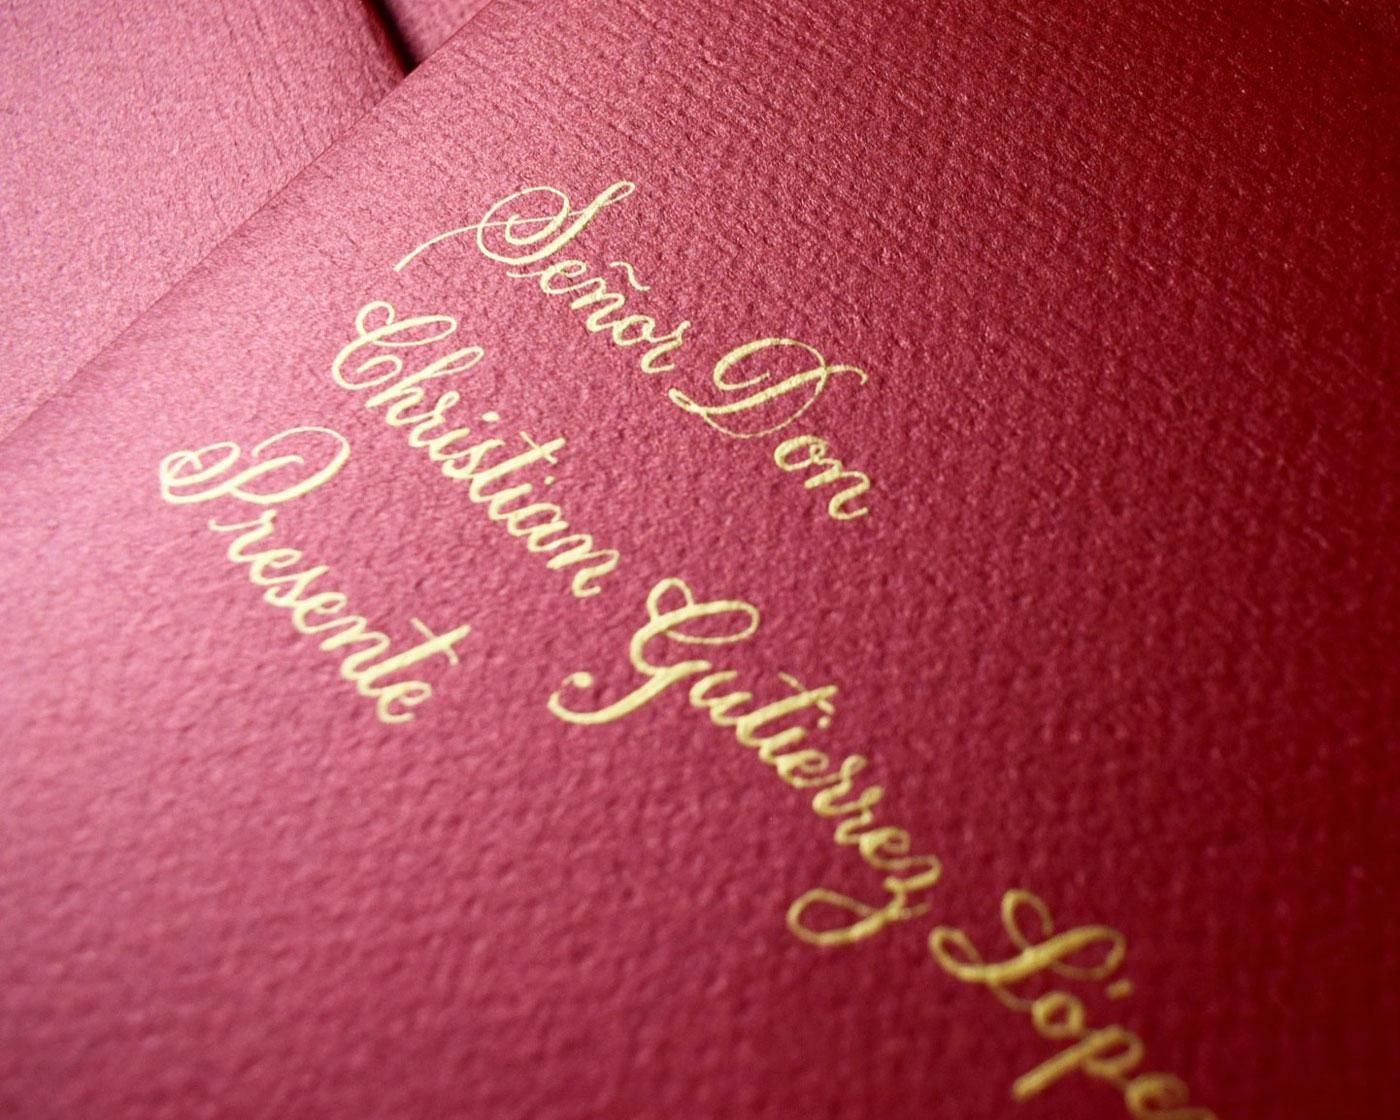 invitacion de boda con caligrafia tradicional